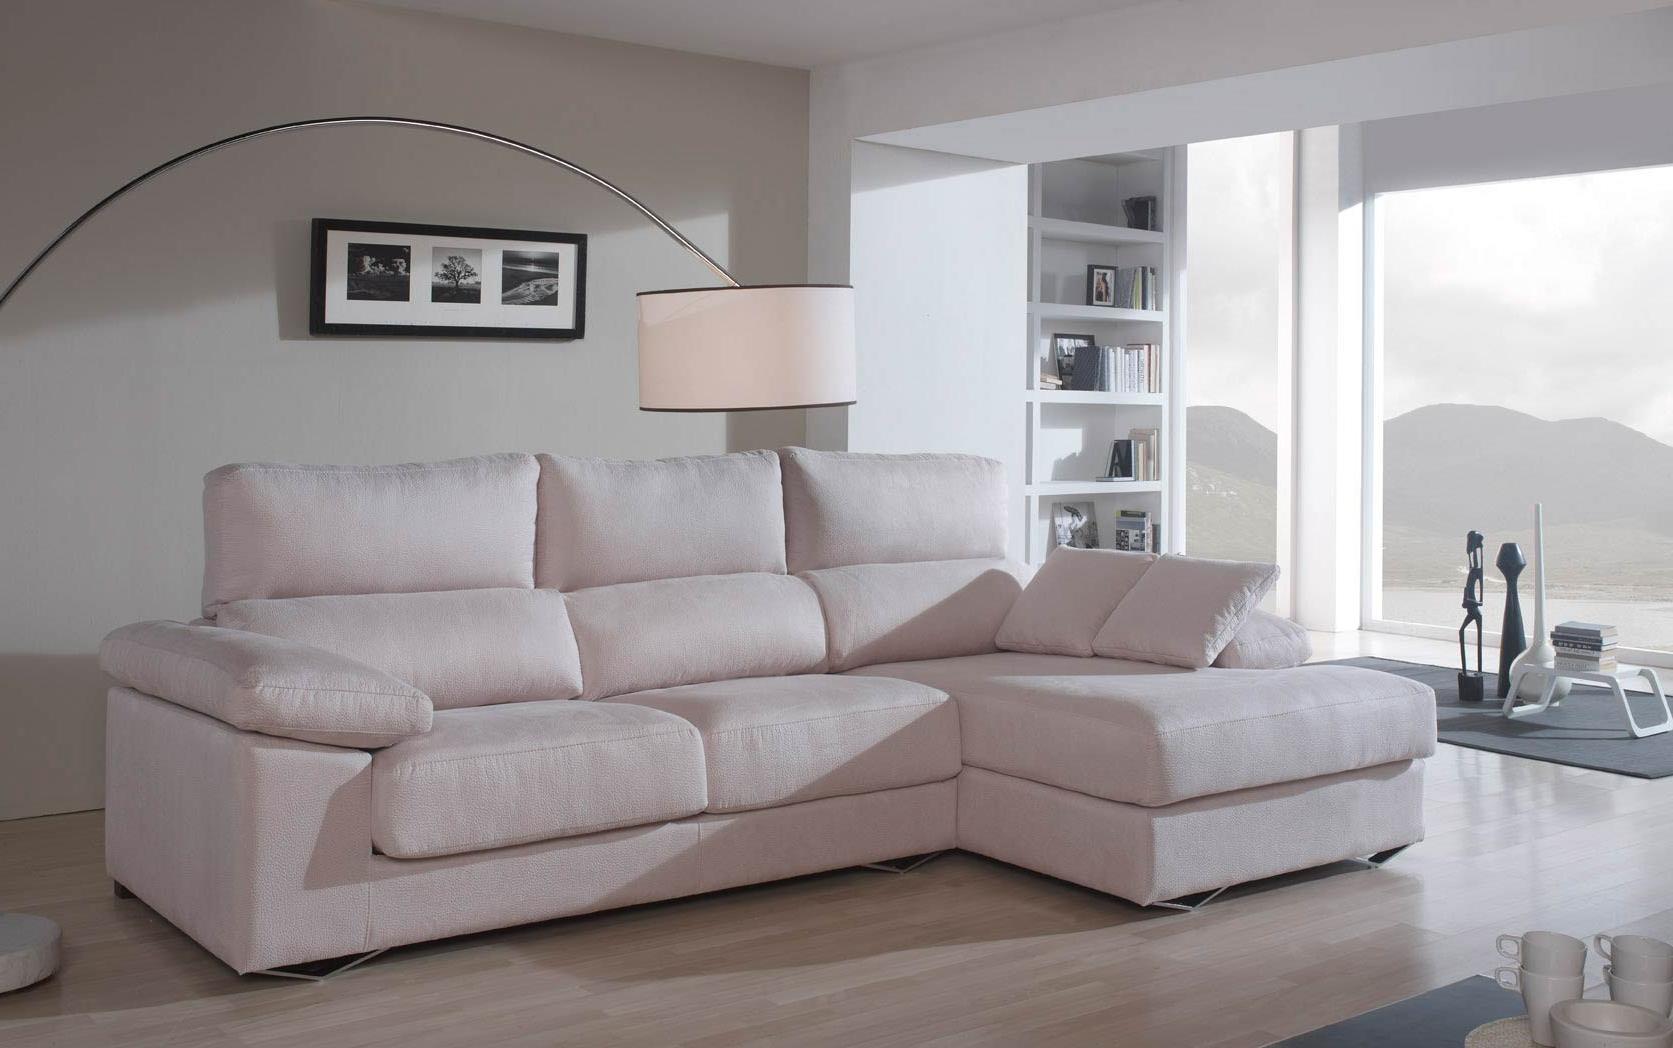 Muebles Badalona X8d1 Eccellente sofas Montigala Tiendas De Muebles Badalona Cool En